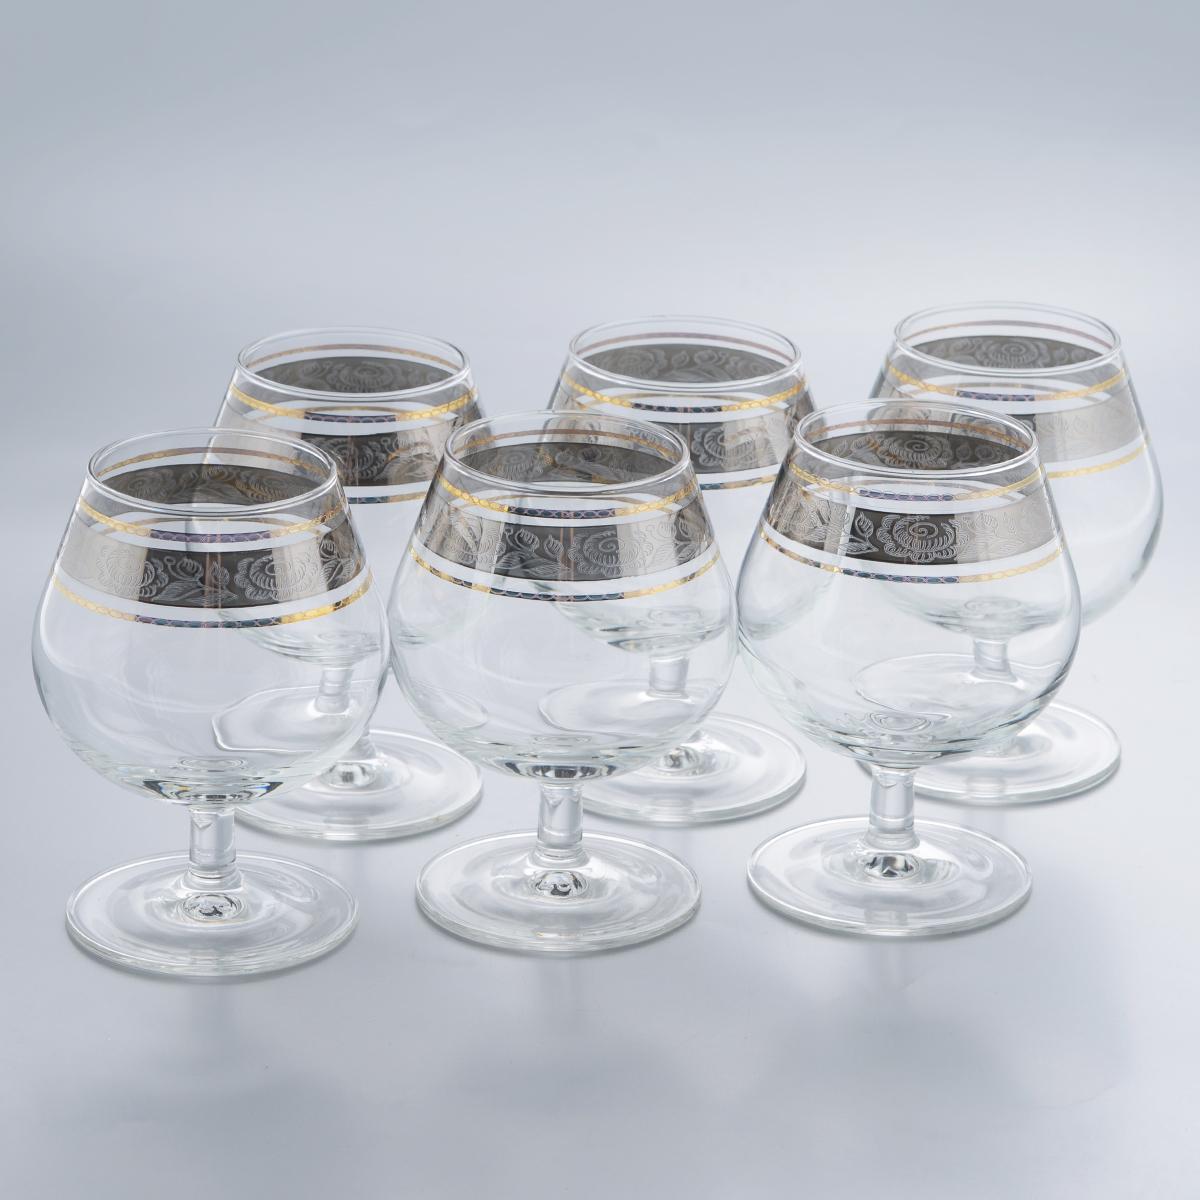 Набор бокалов для бренди Гусь-Хрустальный Первоцвет, 250 мл, 6 штVT-1520(SR)Набор Гусь-Хрустальный Первоцвет состоит из 6 бокалов, изготовленных из высококачественного натрий-кальций-силикатного стекла. Изделия оформлены красивым зеркальным покрытием и прозрачным узором. Бокалы предназначены для подачи бренди. Такой набор прекрасно дополнит праздничный стол и станет желанным подарком в любом доме. Разрешается мыть в посудомоечной машине. Диаметр бокала (по верхнему краю): 5,5 см. Высота бокала: 11 см. Диаметр основания бокала: 6,7 см.